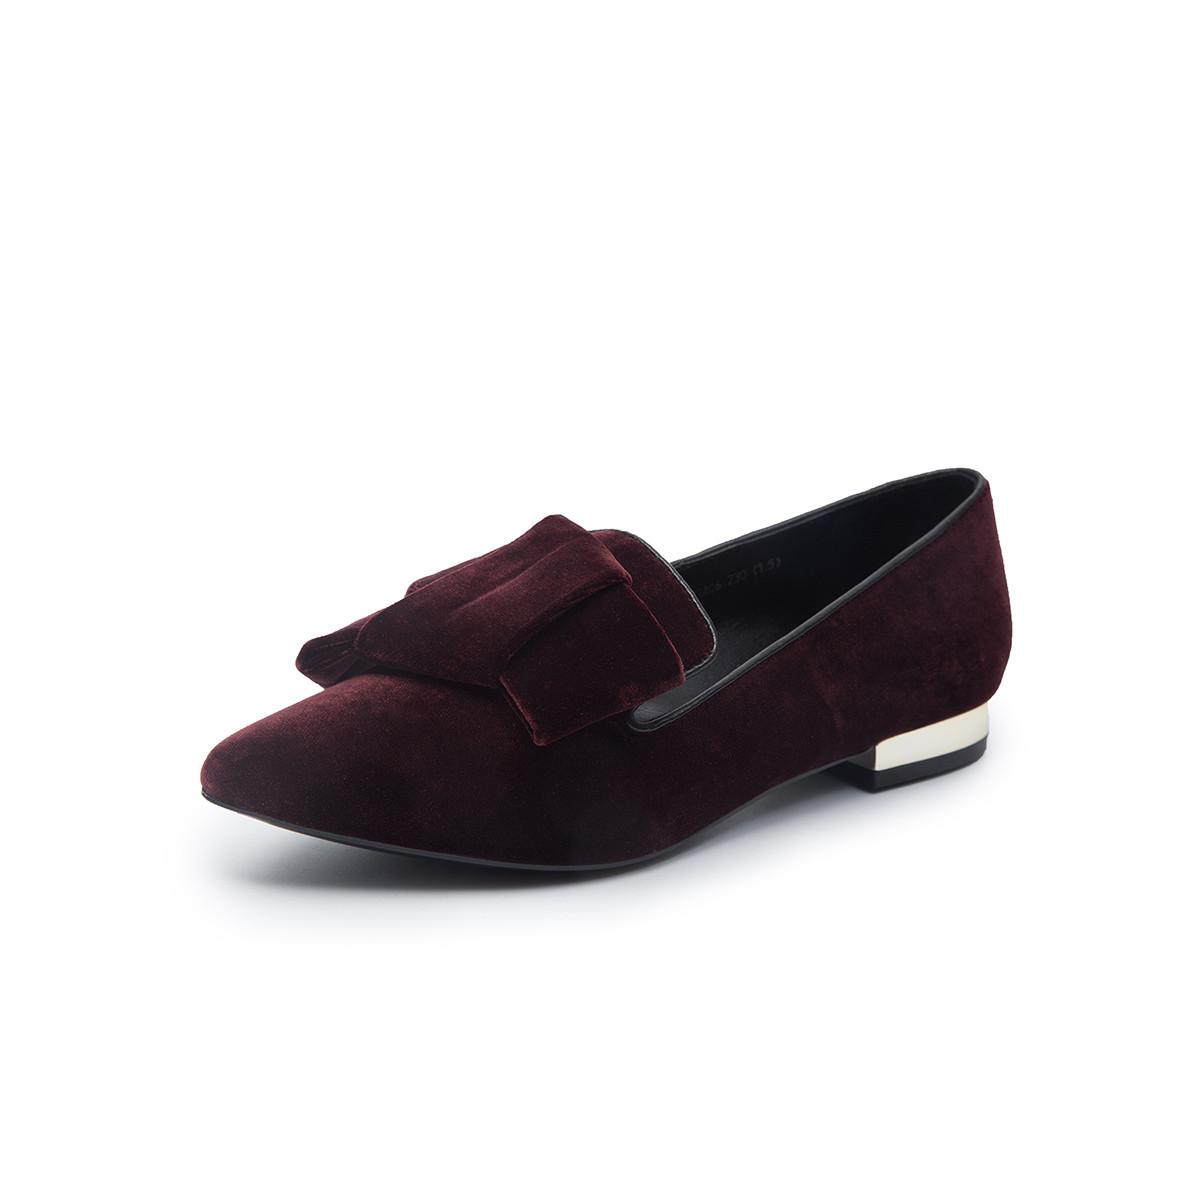 千百度C.BANNER 千百度秋新品商场同款蝴蝶结低跟女单鞋A8429623A06